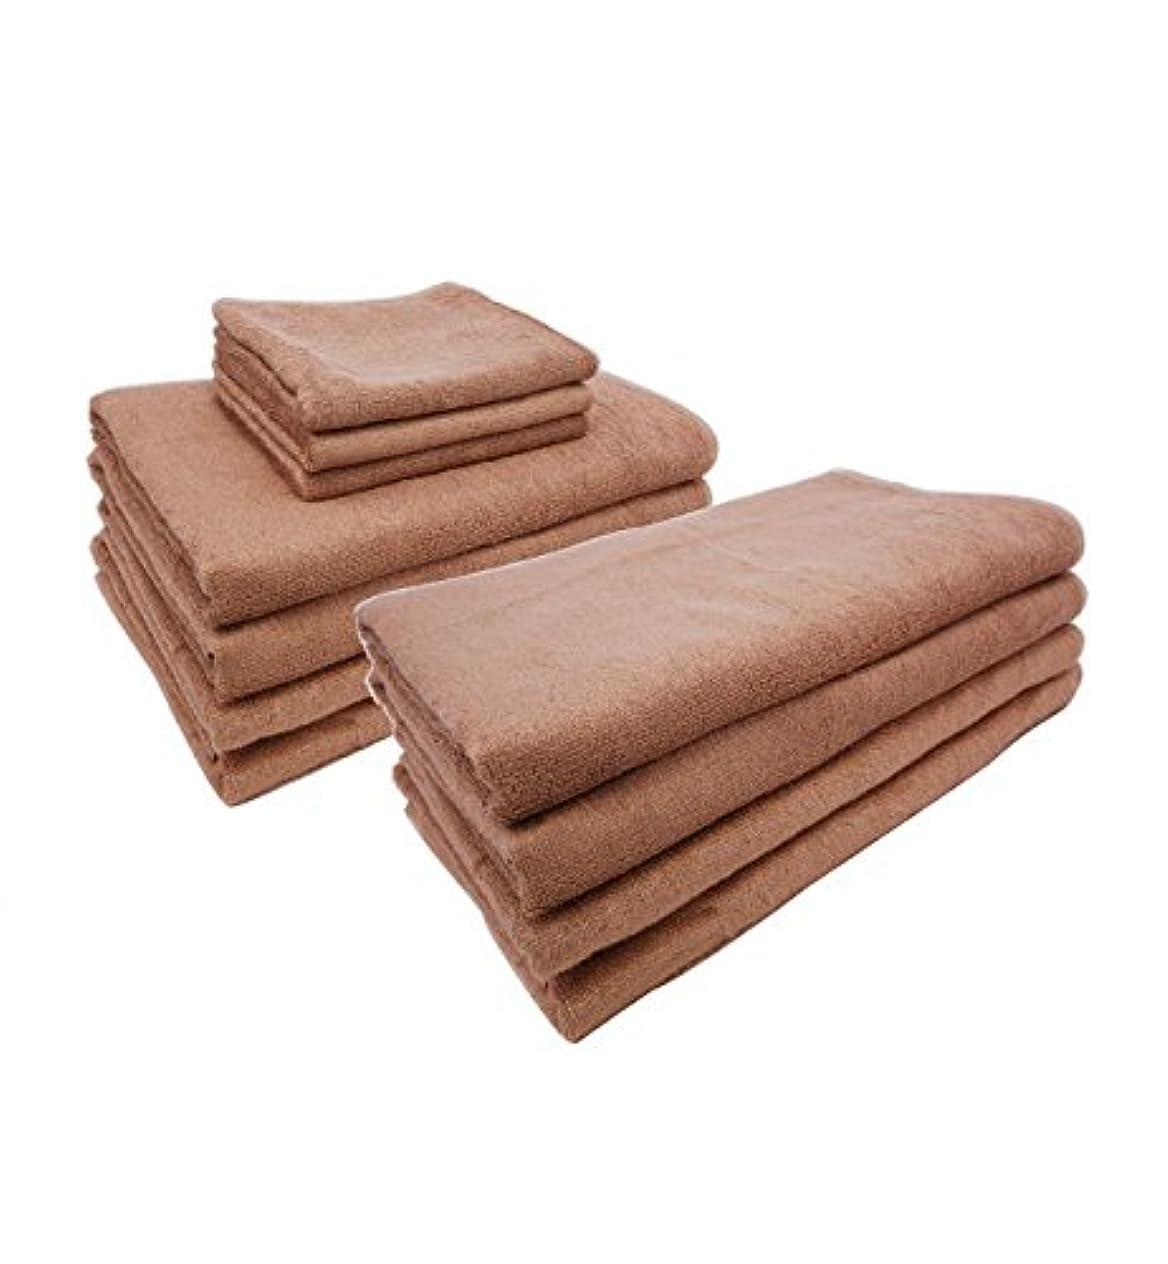 スカープ定期的な反動まとめ売り やわらか バンブー 竹繊維 タオルシーツ (ソフトベージュ 5枚) 110×210cm 竹タオル 業務用タオル